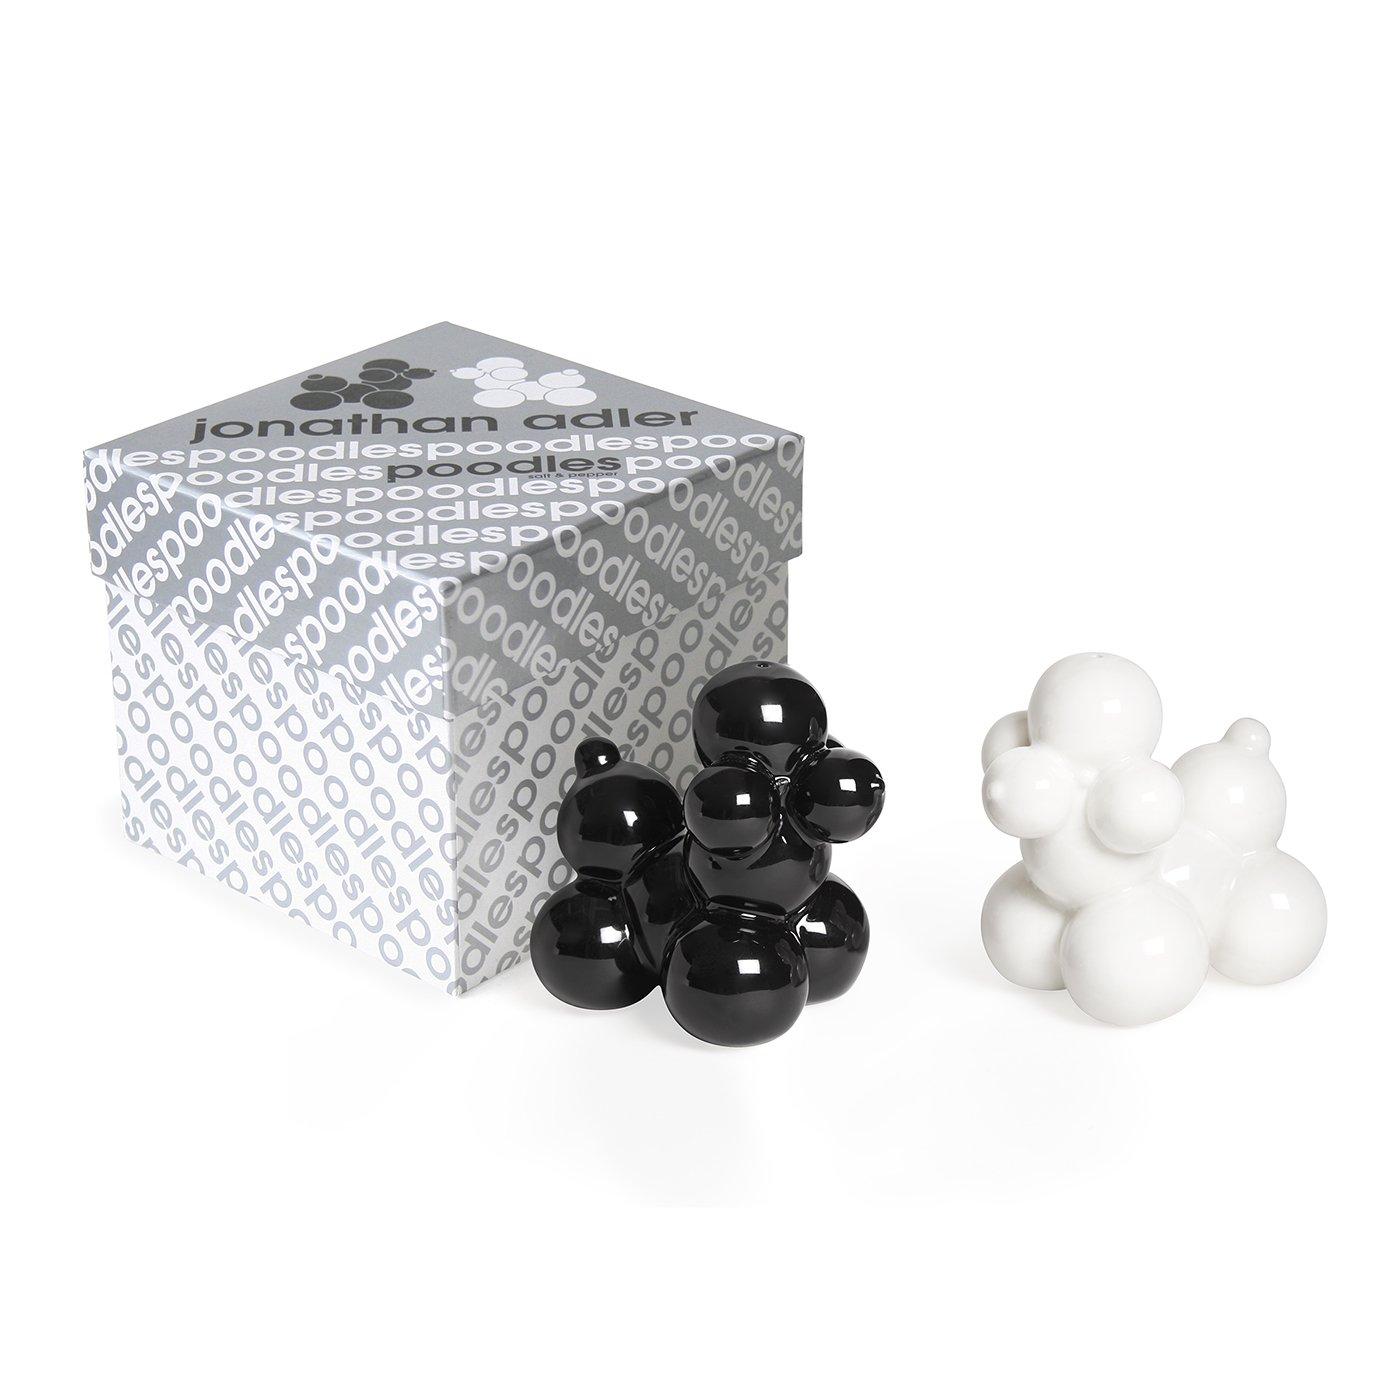 Jonathan Adler Poodles Salt & Pepper Shakers, Black and White